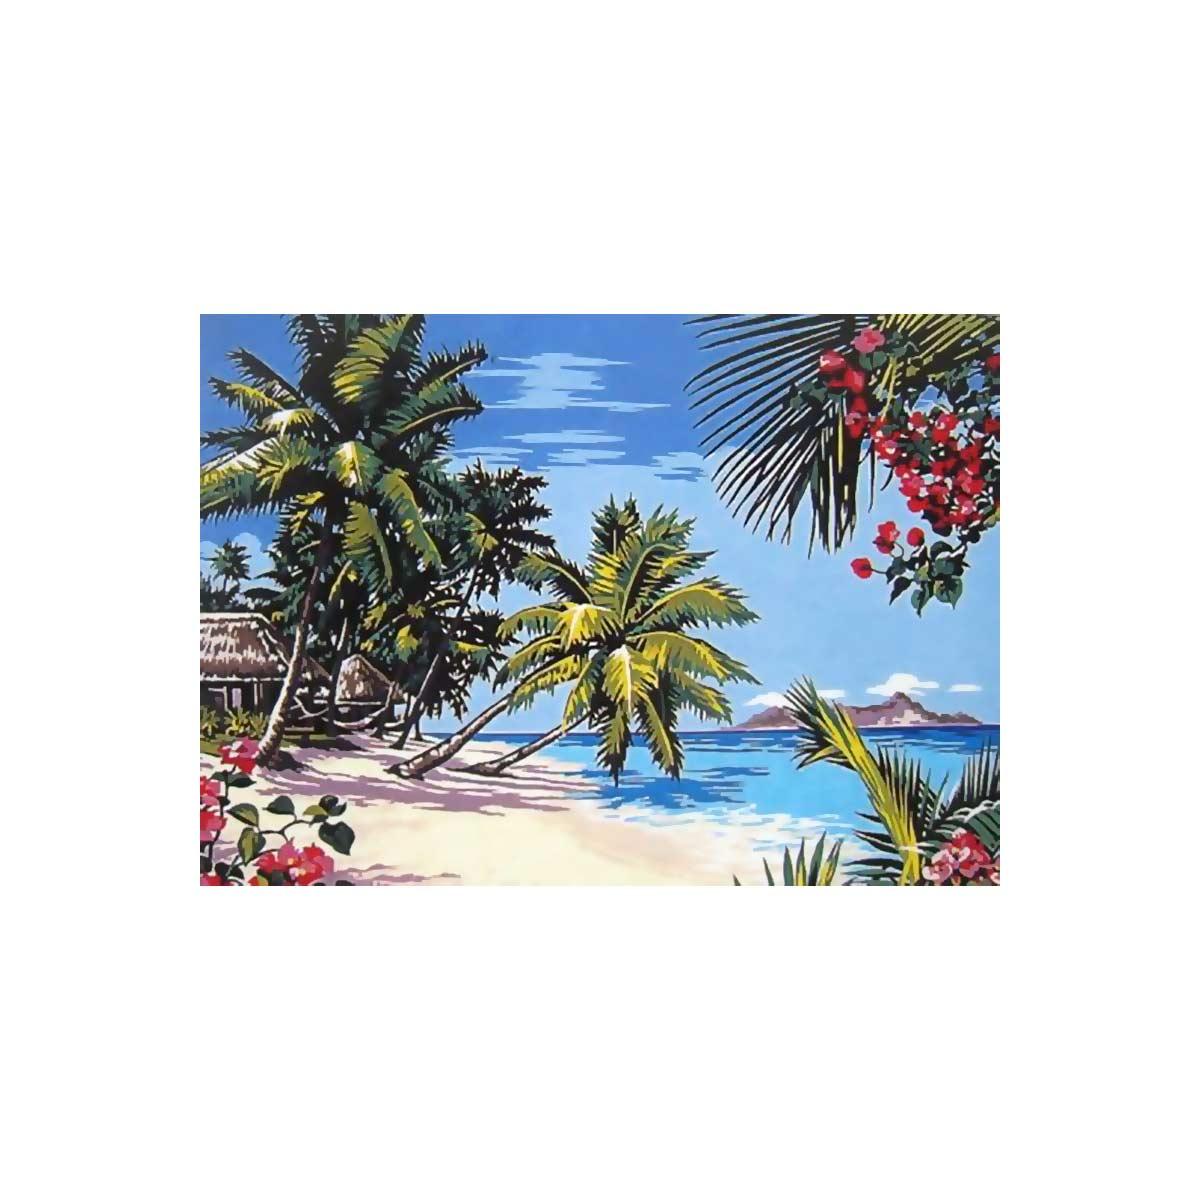 SE929-277 Канва с рисунком SEG de Paris 'Тропический остров' 45*60 см